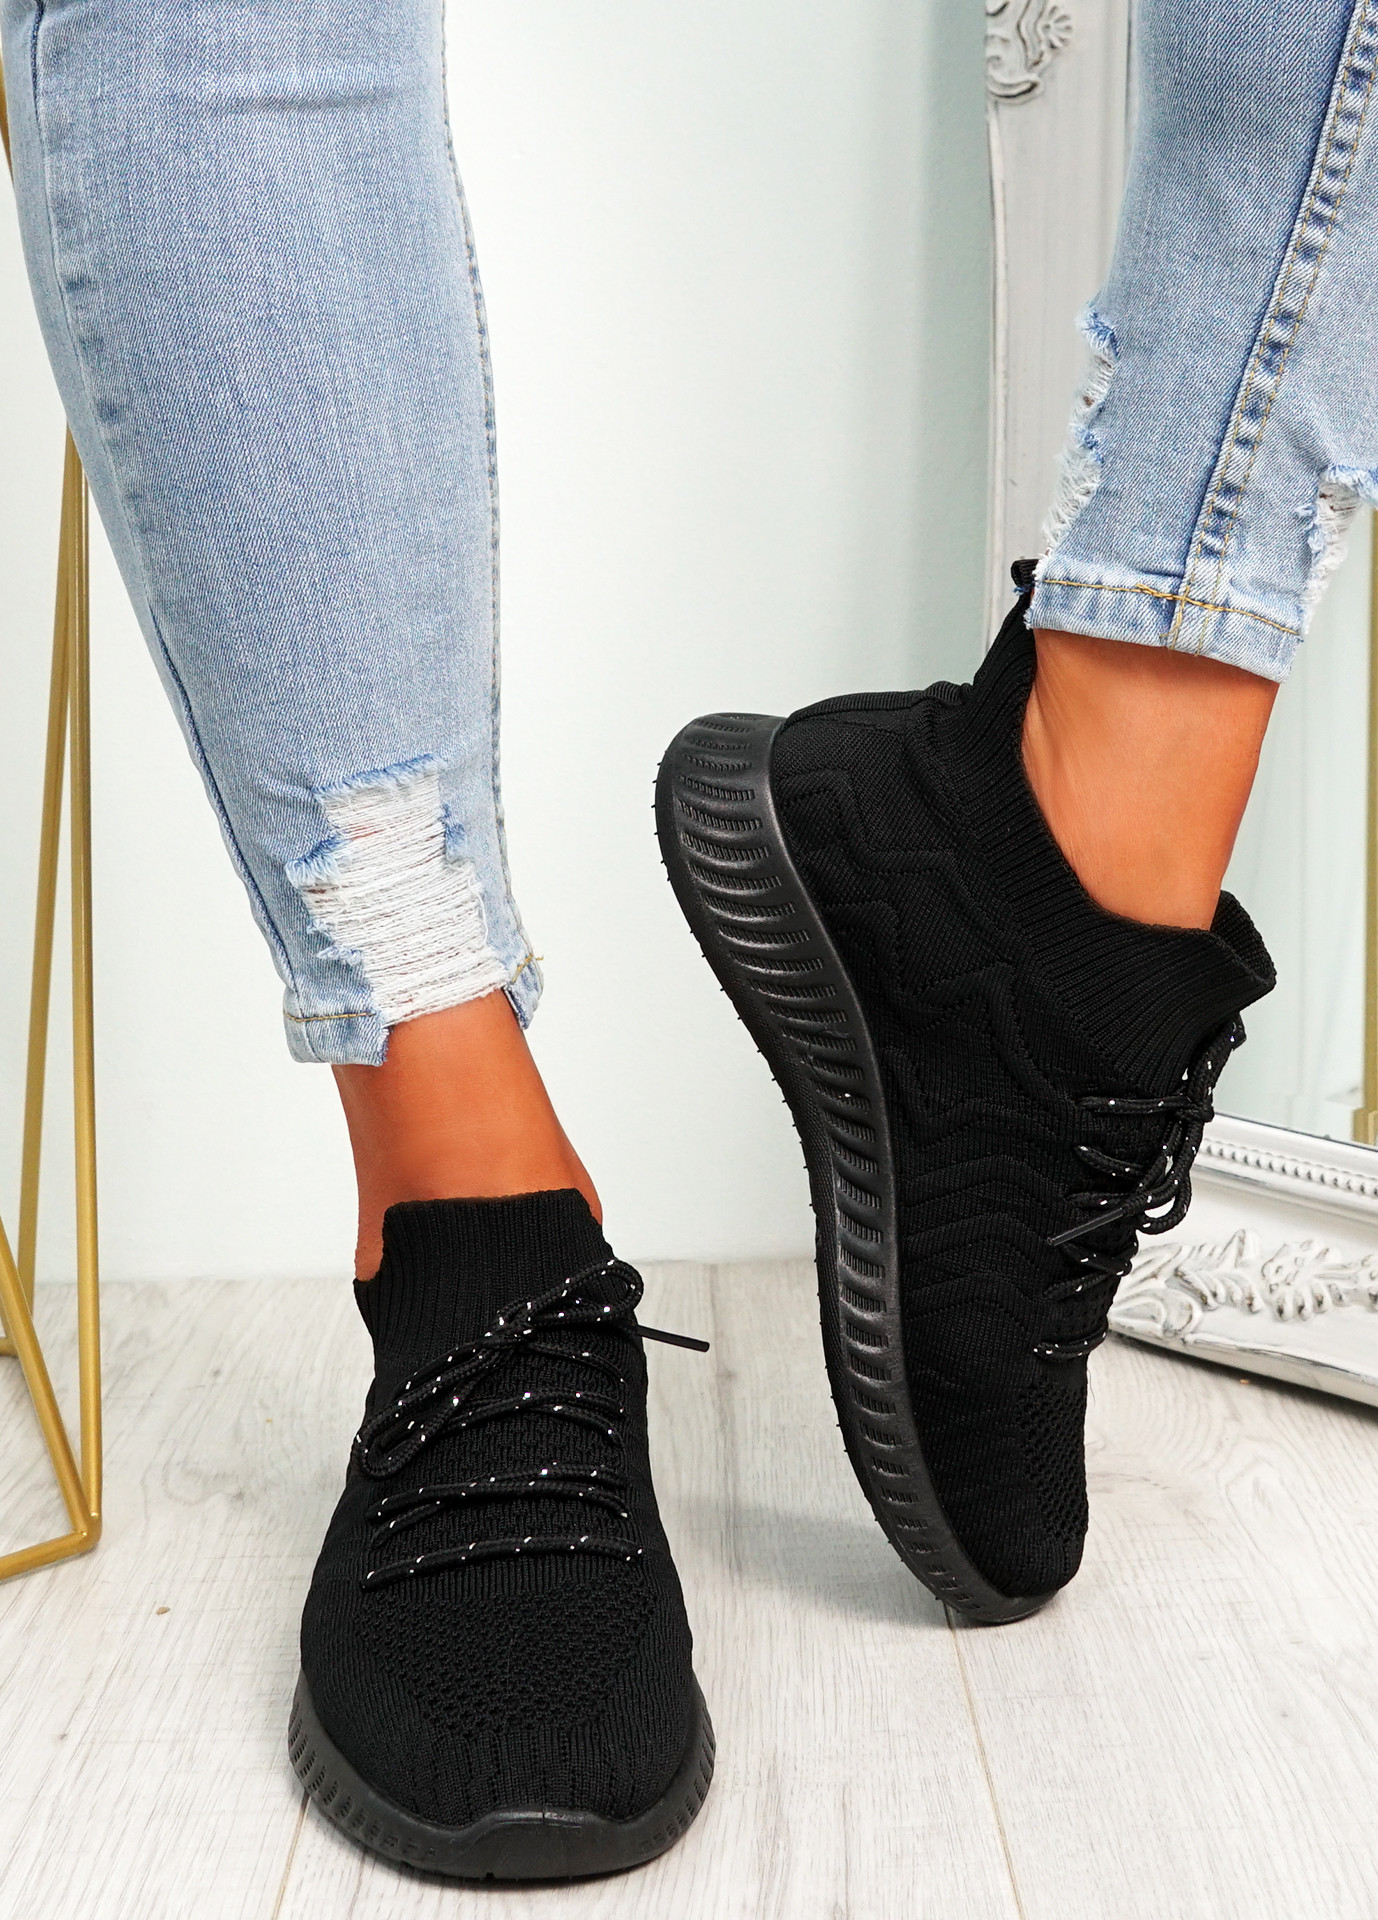 Fanno Black Knit Sport Sneakers